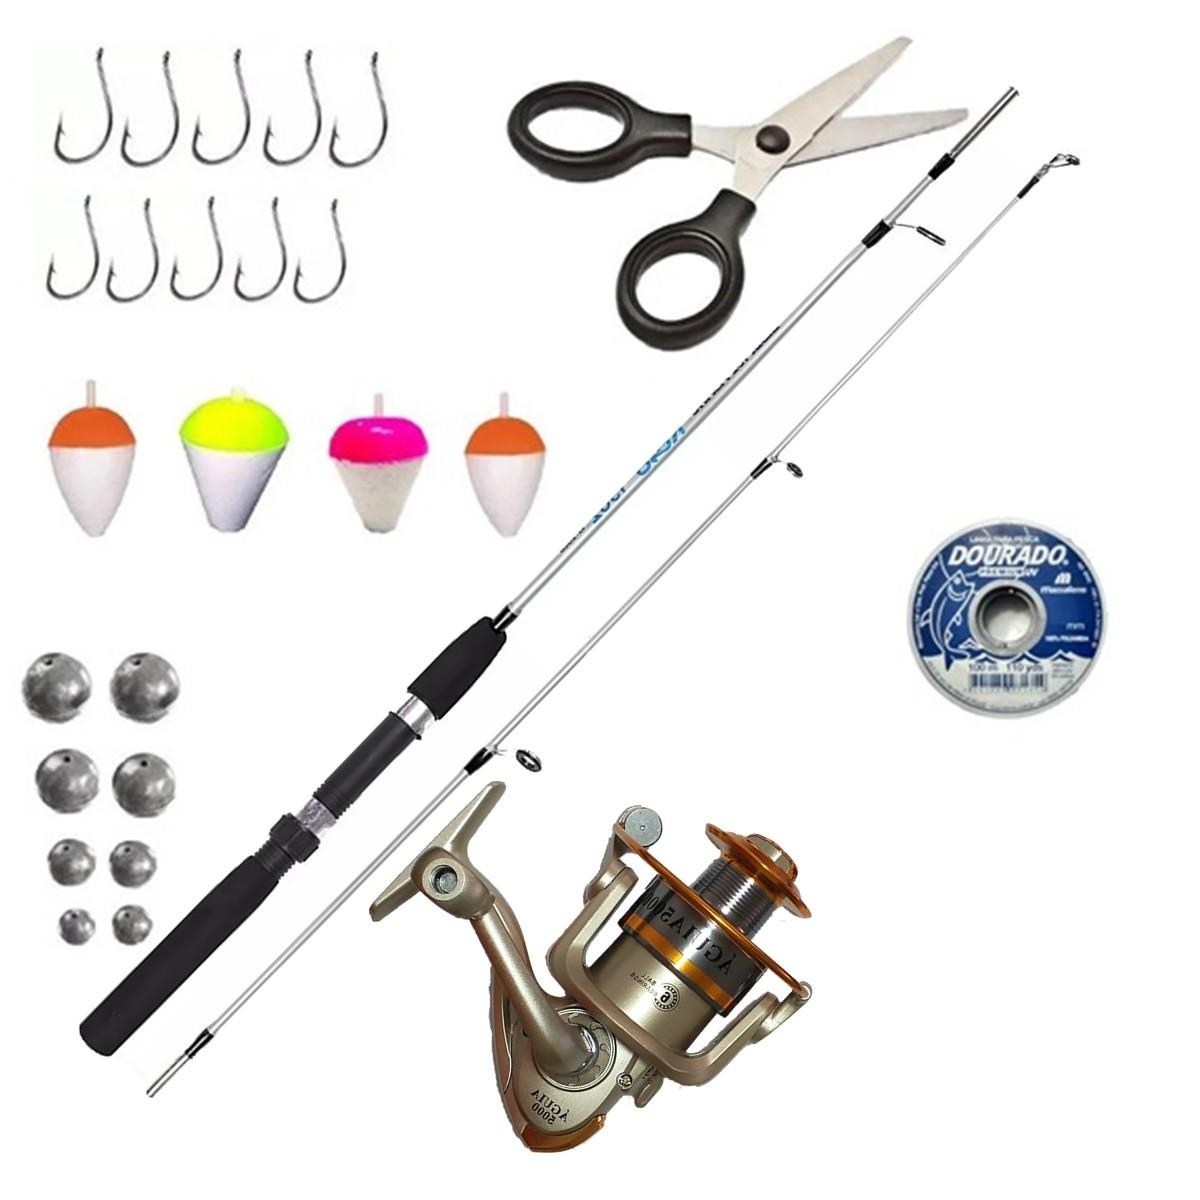 Vara De Pesca Com Molinete 3 Rolamentos Linha E Acessórios